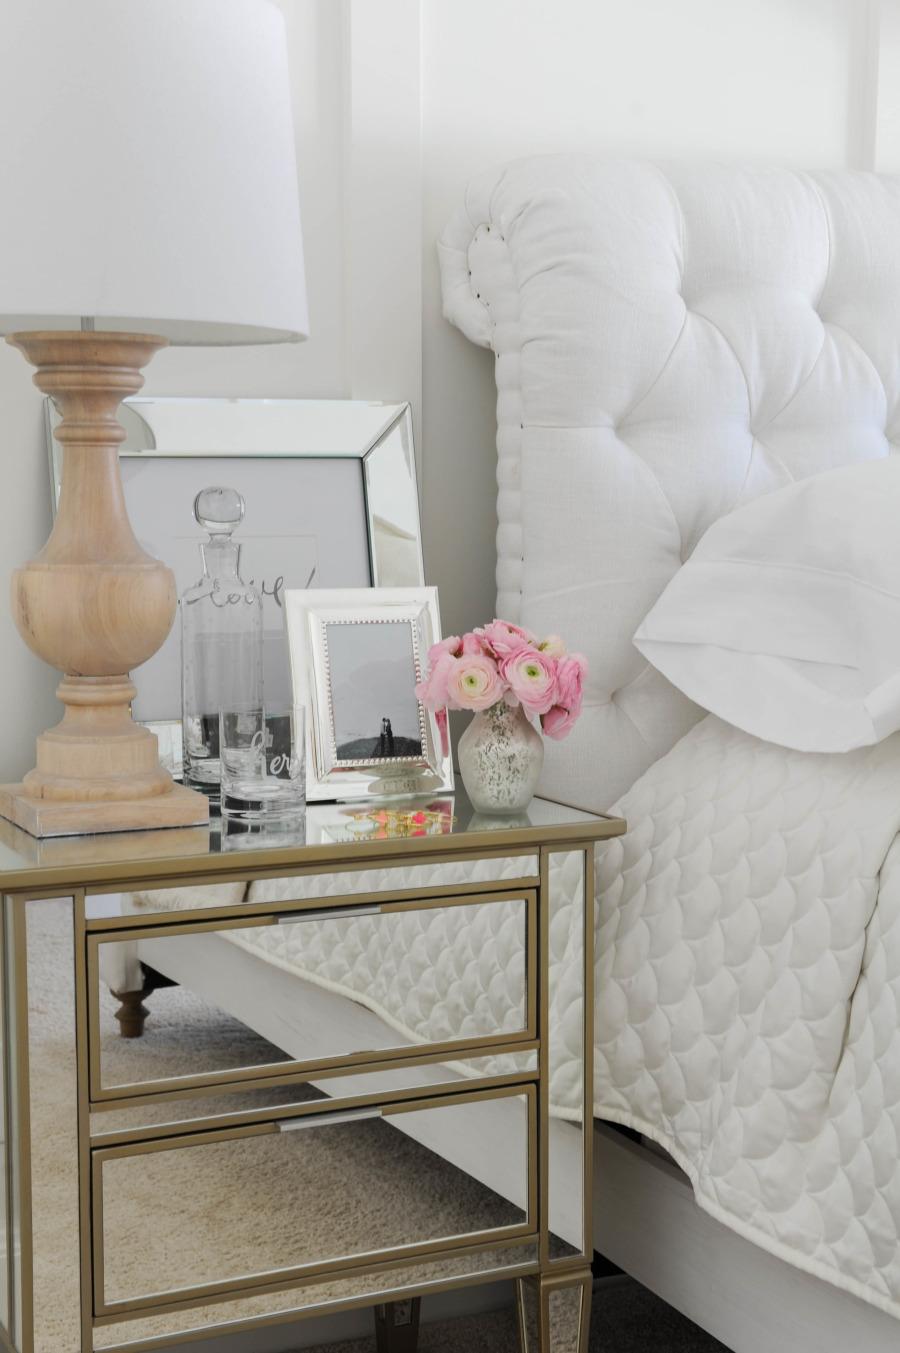 visite une maison chic et raffin e cocon d co vie. Black Bedroom Furniture Sets. Home Design Ideas